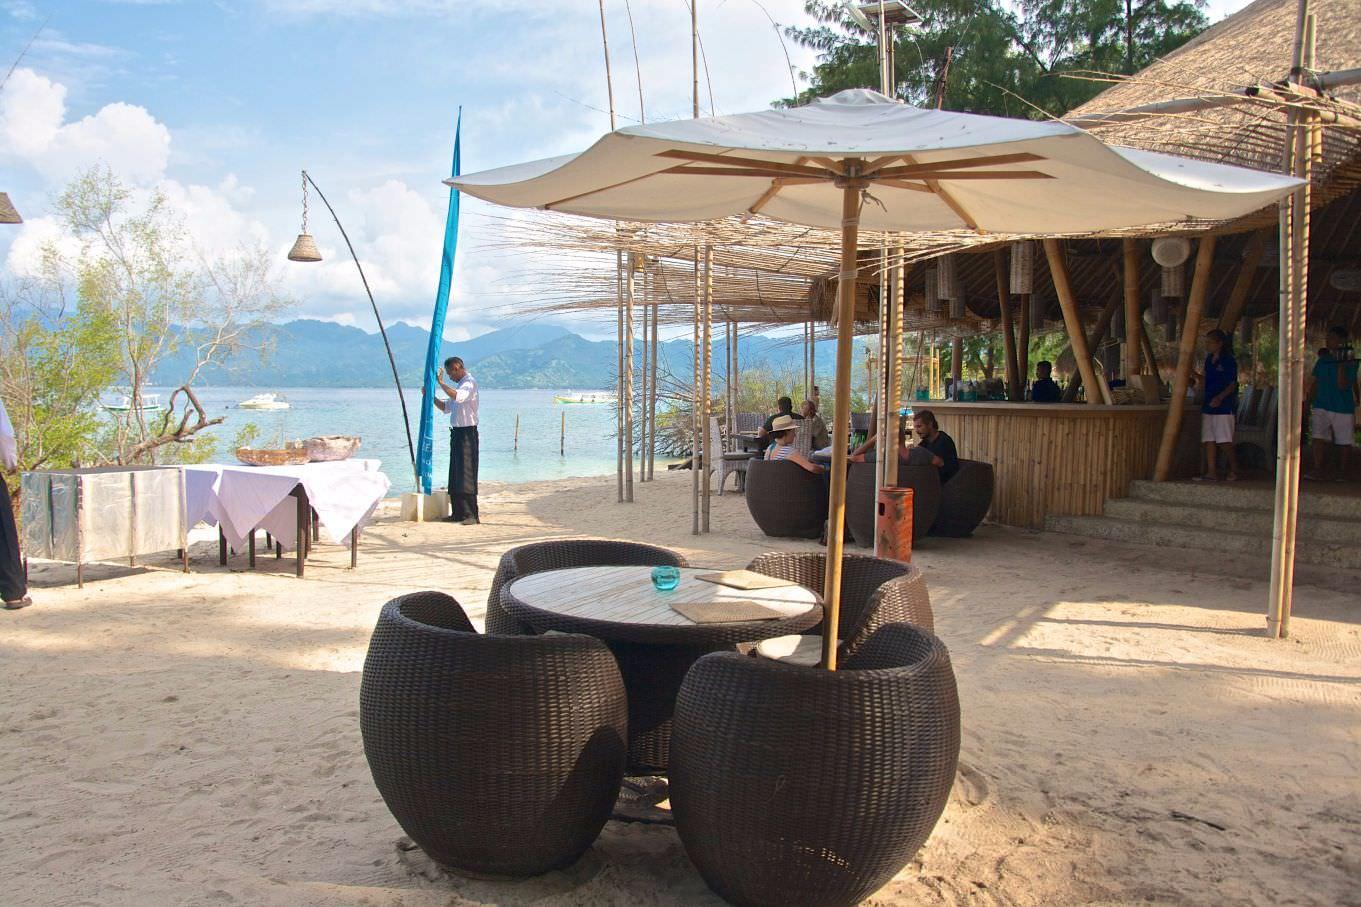 Hotels in Gili Meno